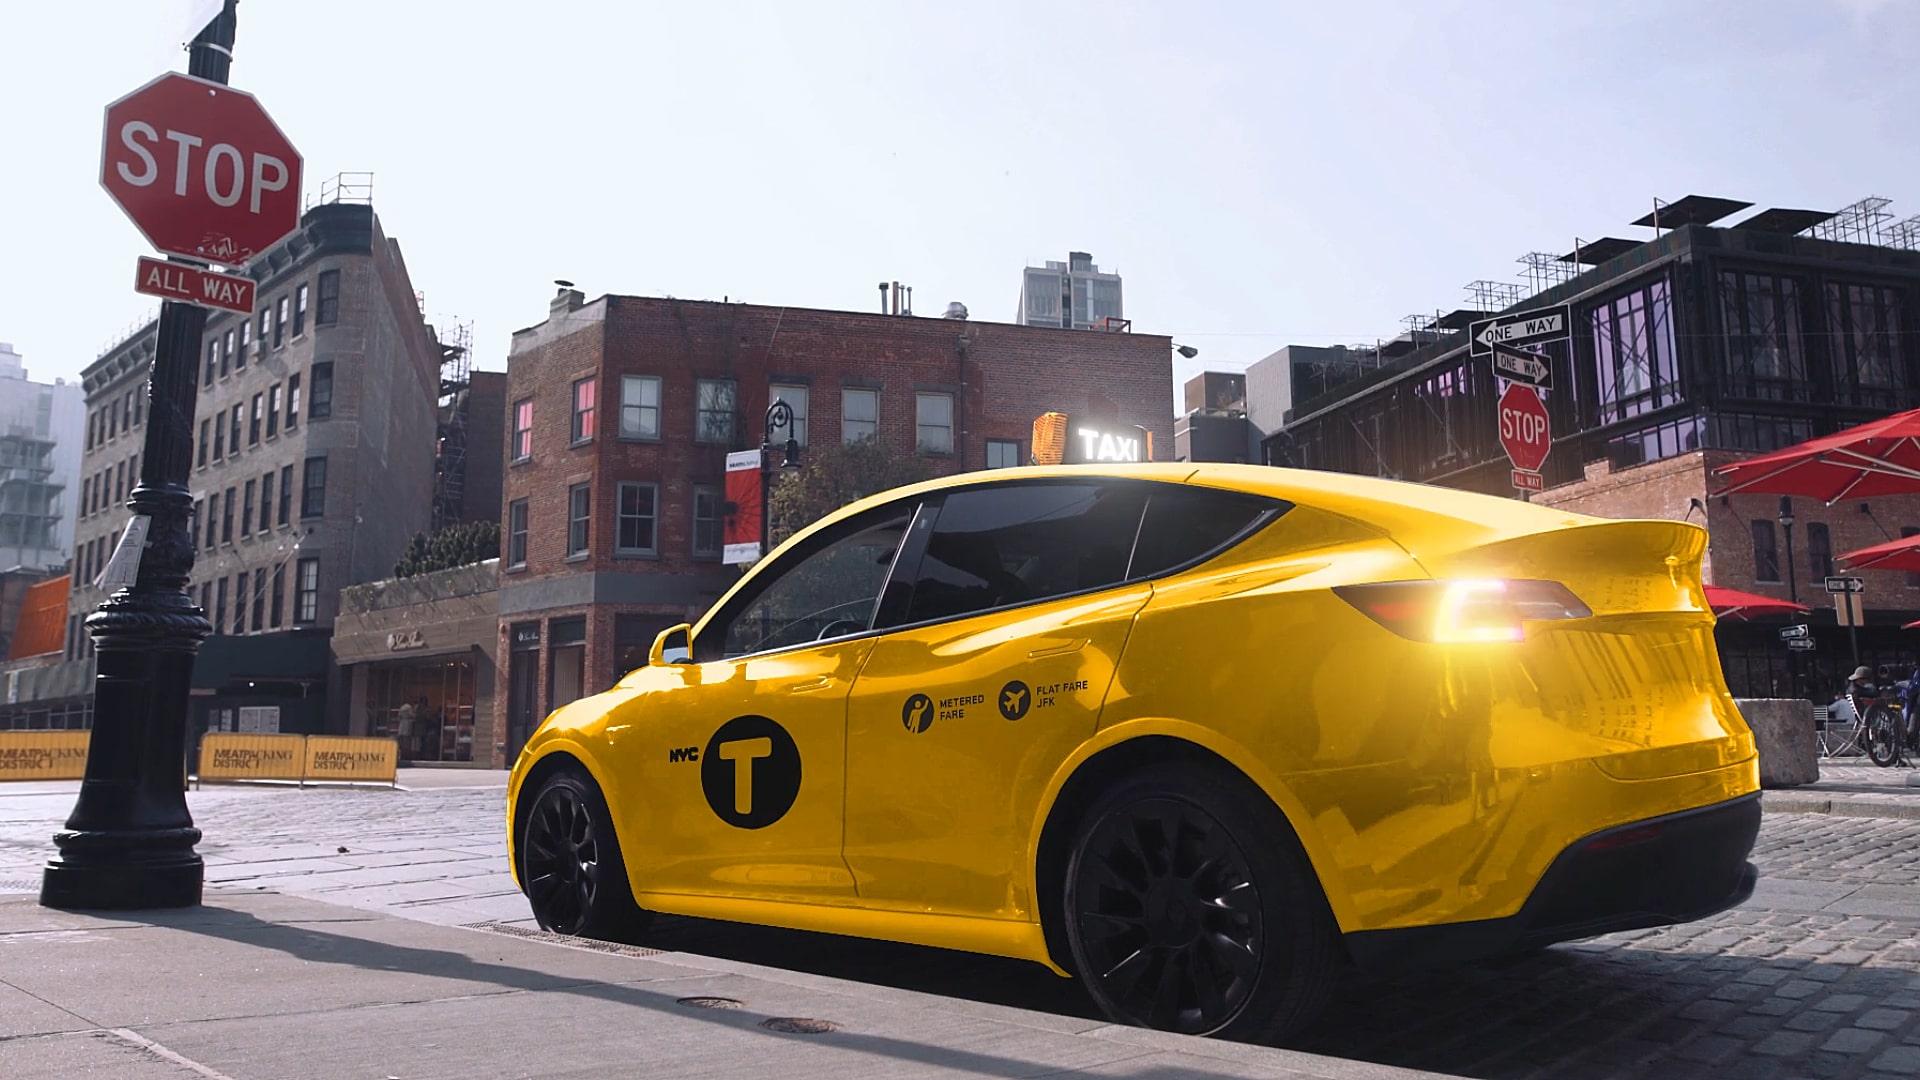 Таксопарк Tesla Model Y появится в индустрии желтых кабин Нью-Йорка благодаря Gravity